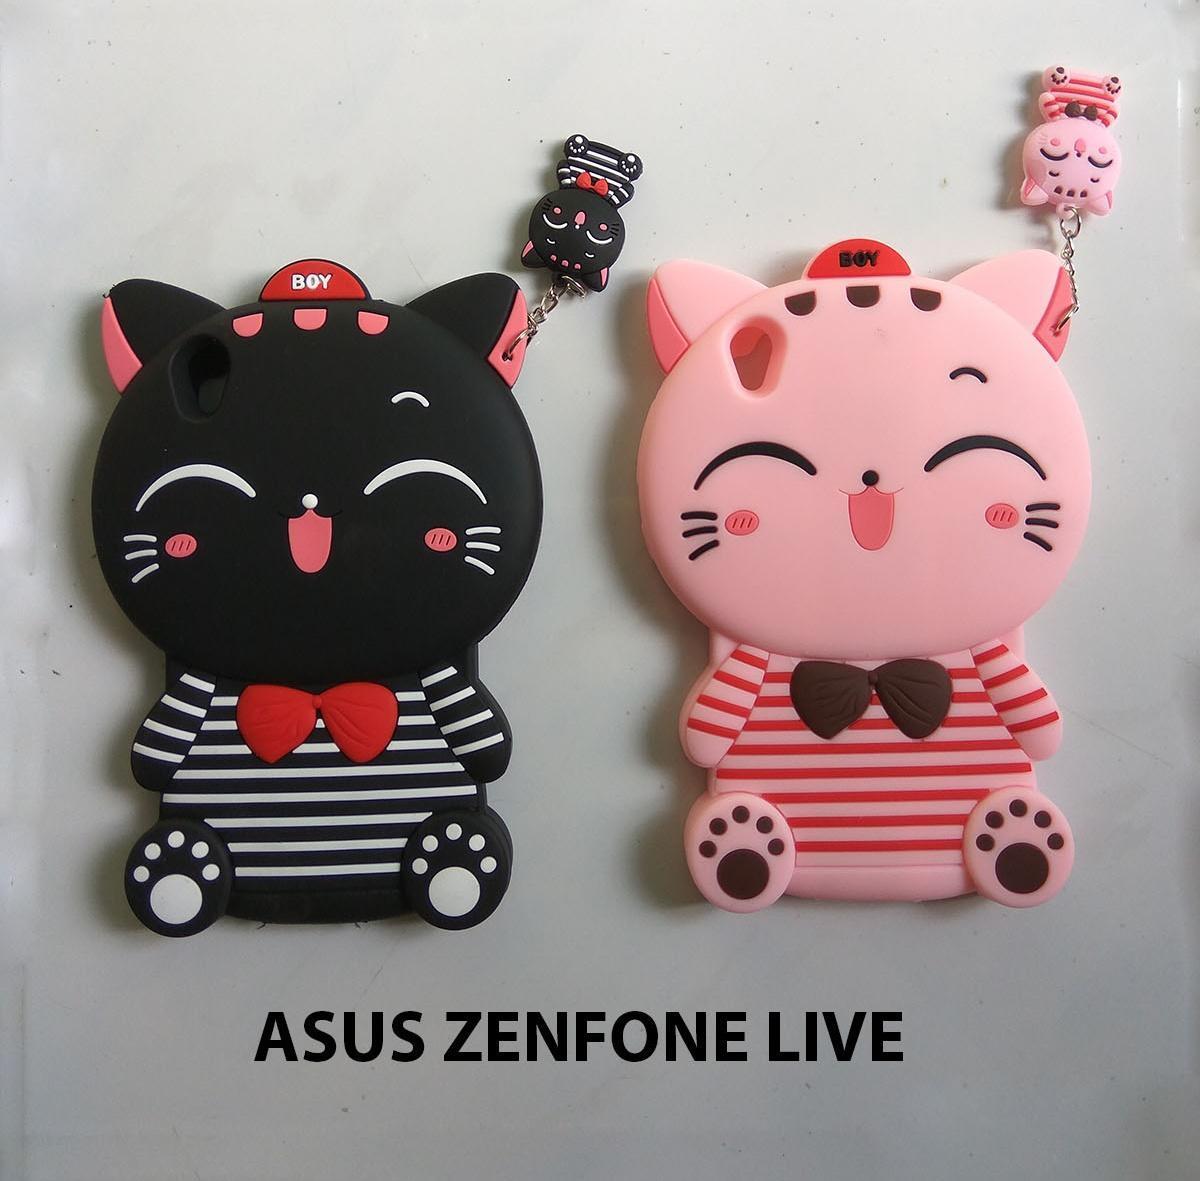 3D Case Kucing Asus Zenfone Live ZB501KL Casing Cover Karakter Silikon Softcase 4D Cat Case Karakte